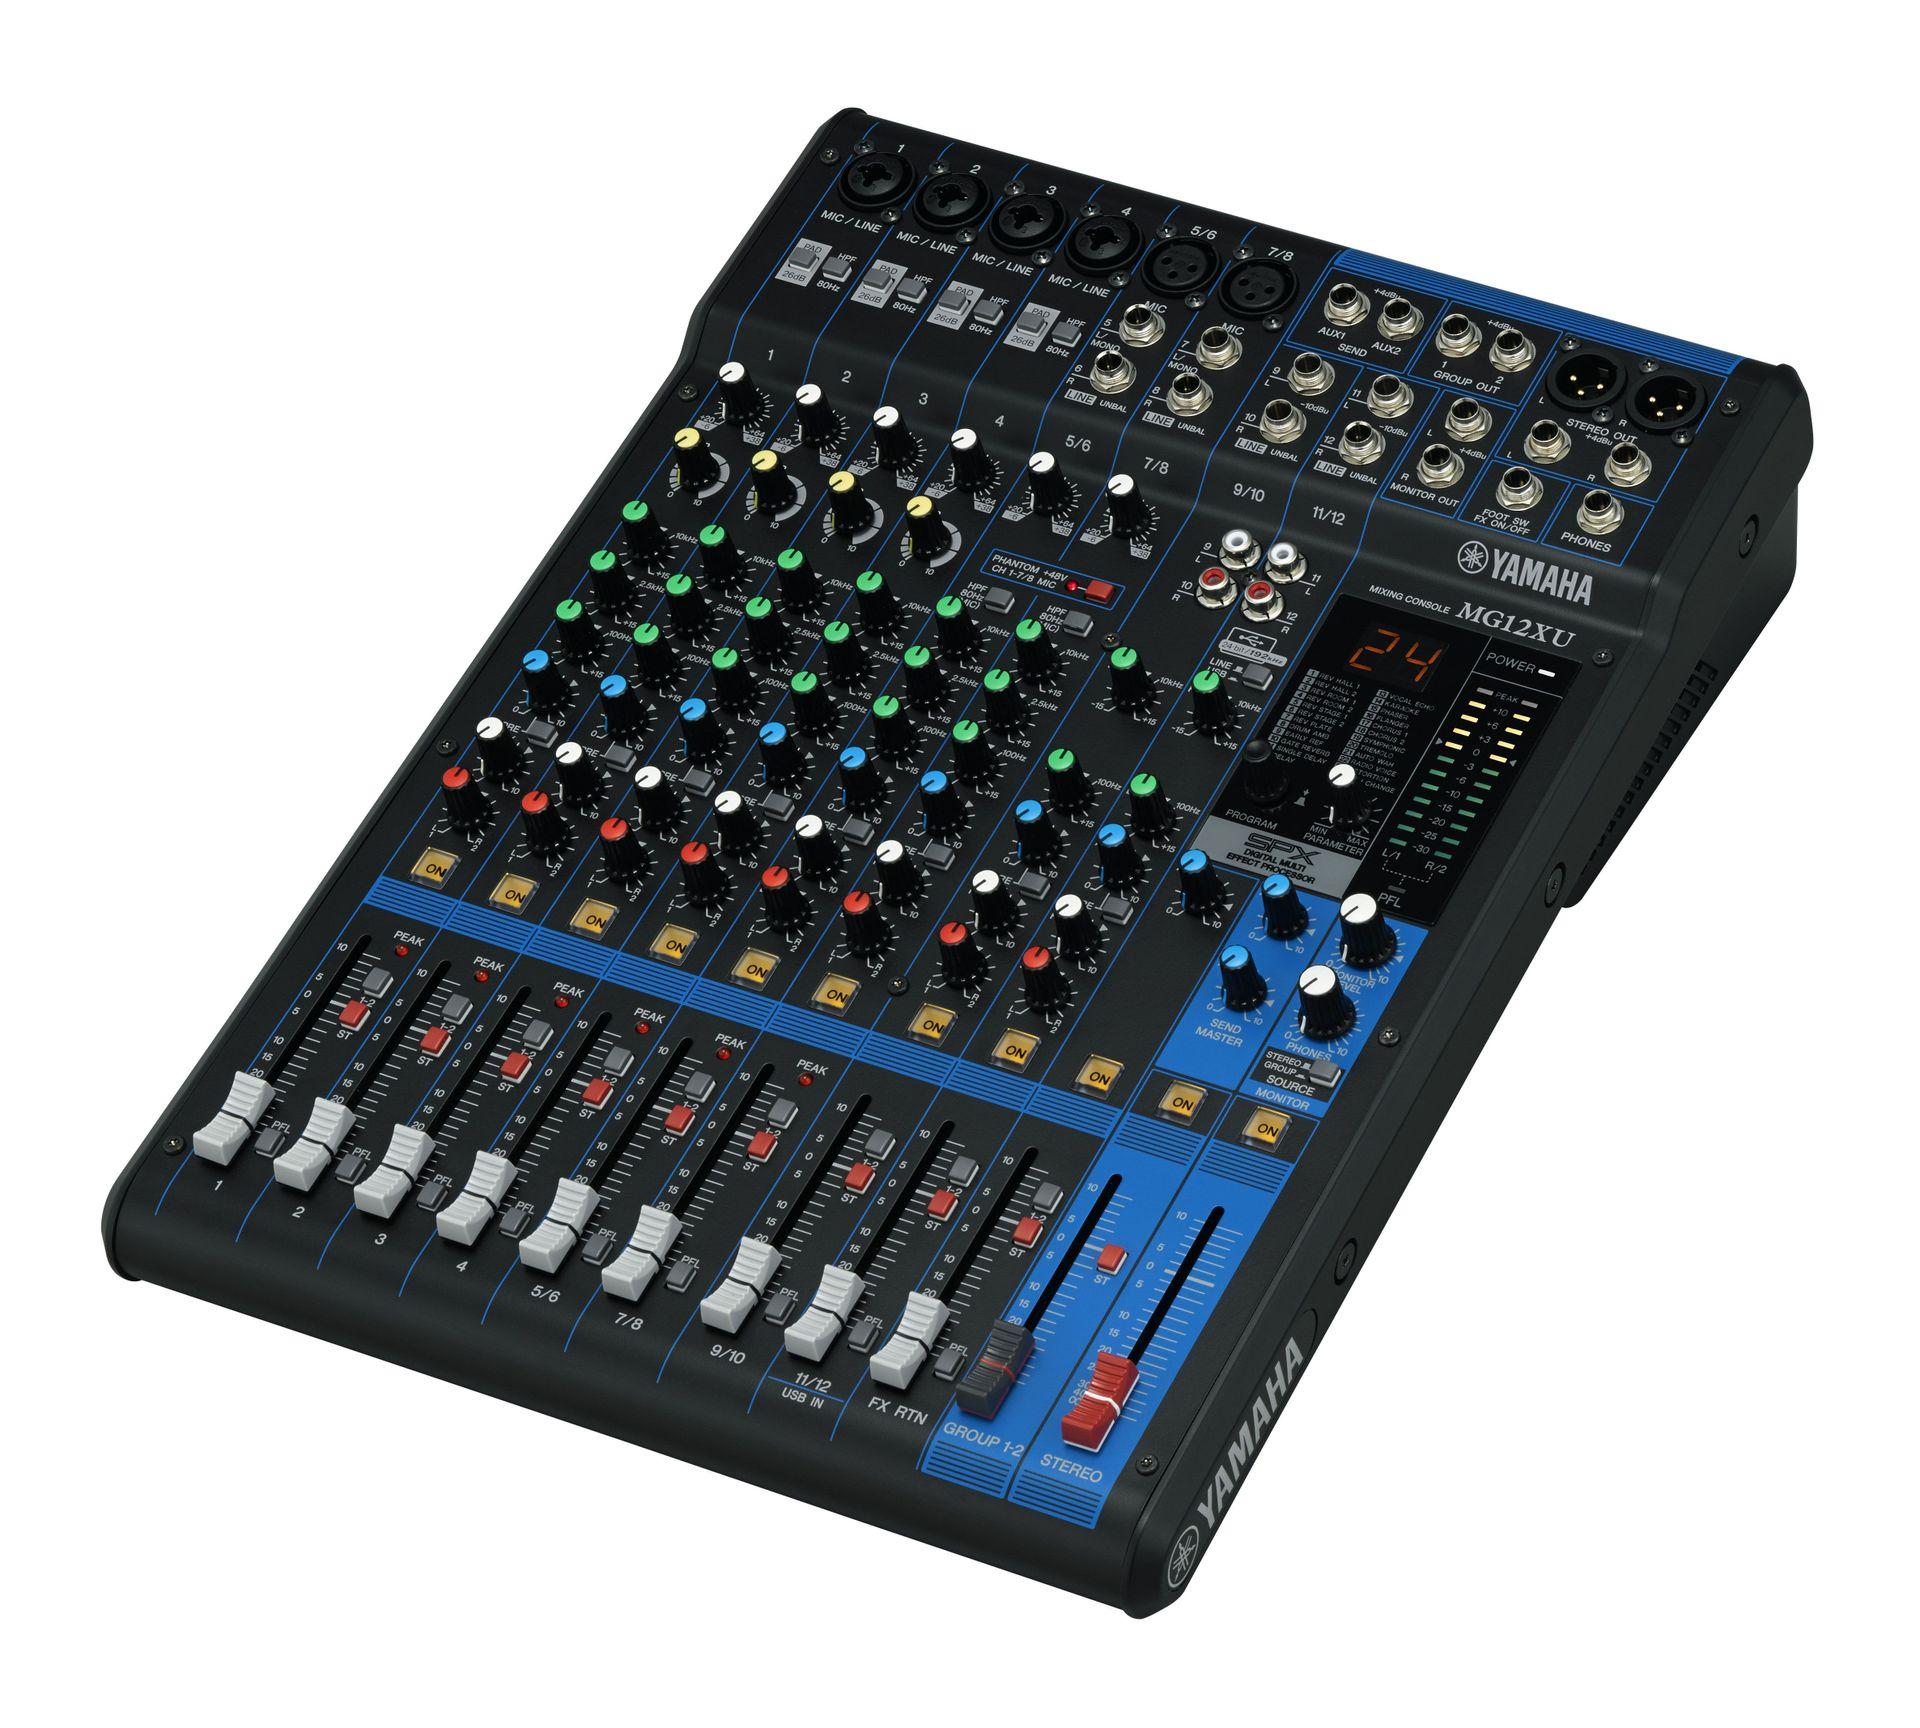 Yamaha MG12 XU Mixer, SPX Effekt, USB, 6 Mikrofoneingänge, 4 Stereoeingänge